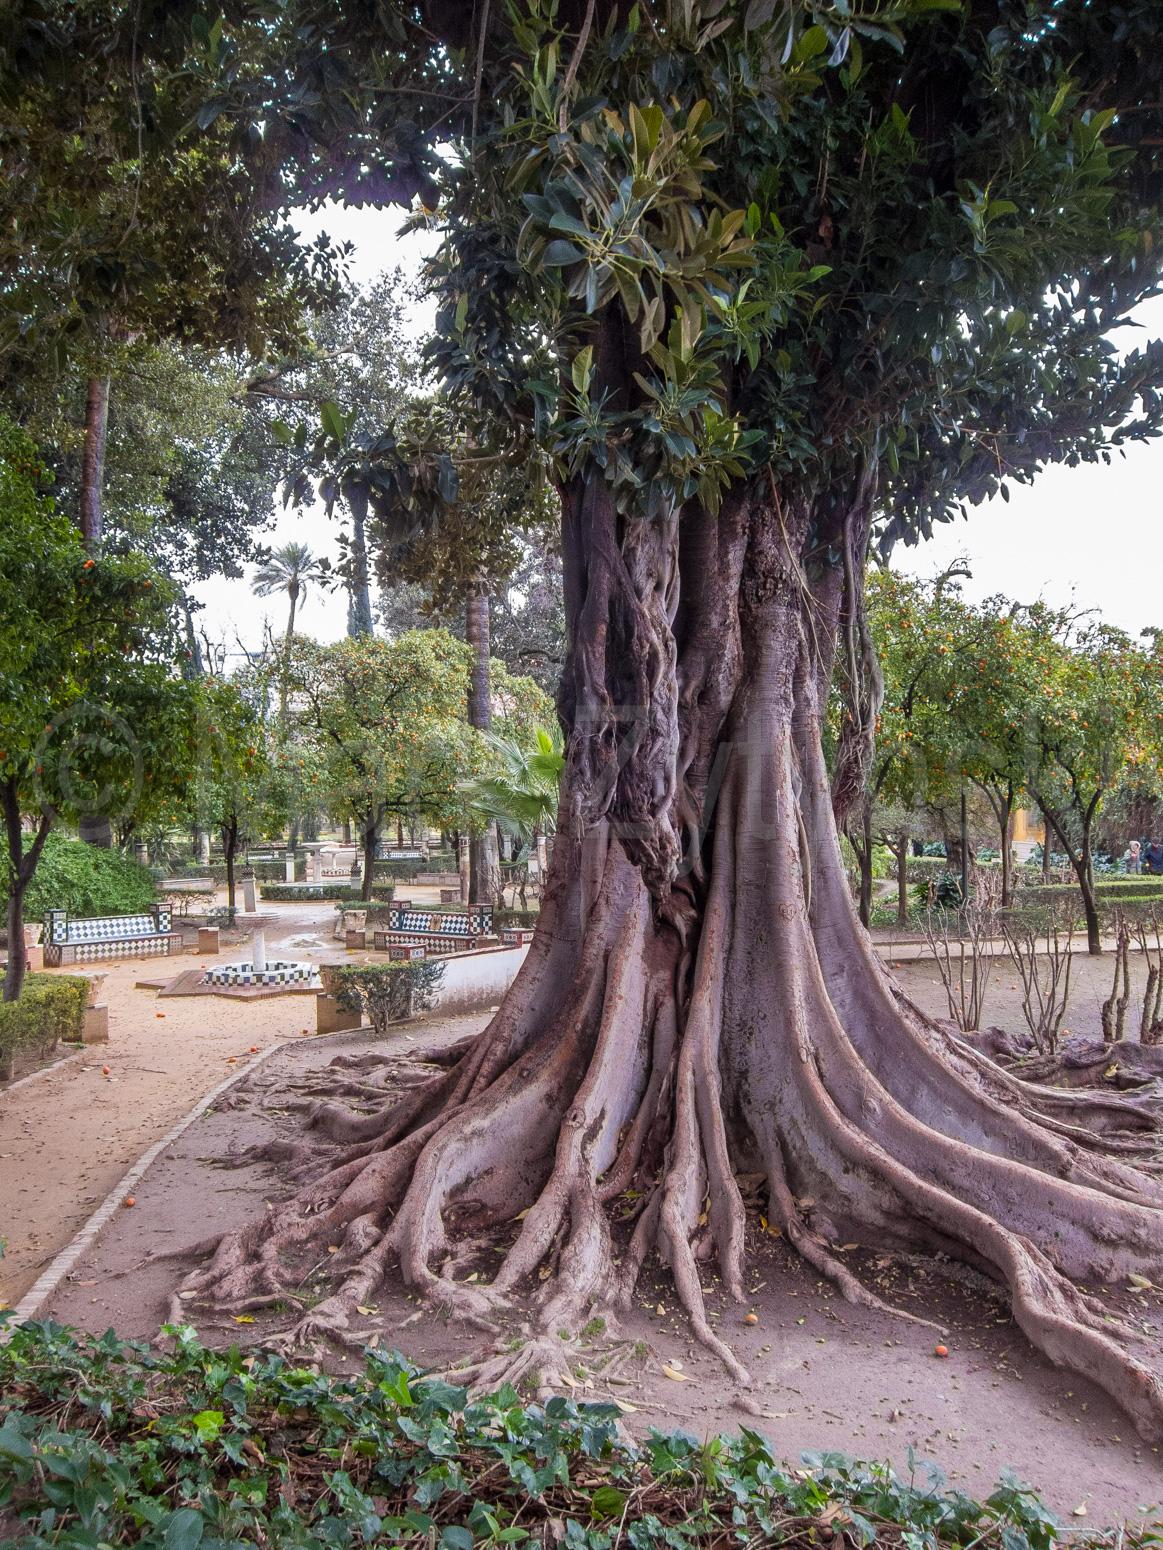 Zytynski-seville-banyan-tree-1482.jpg